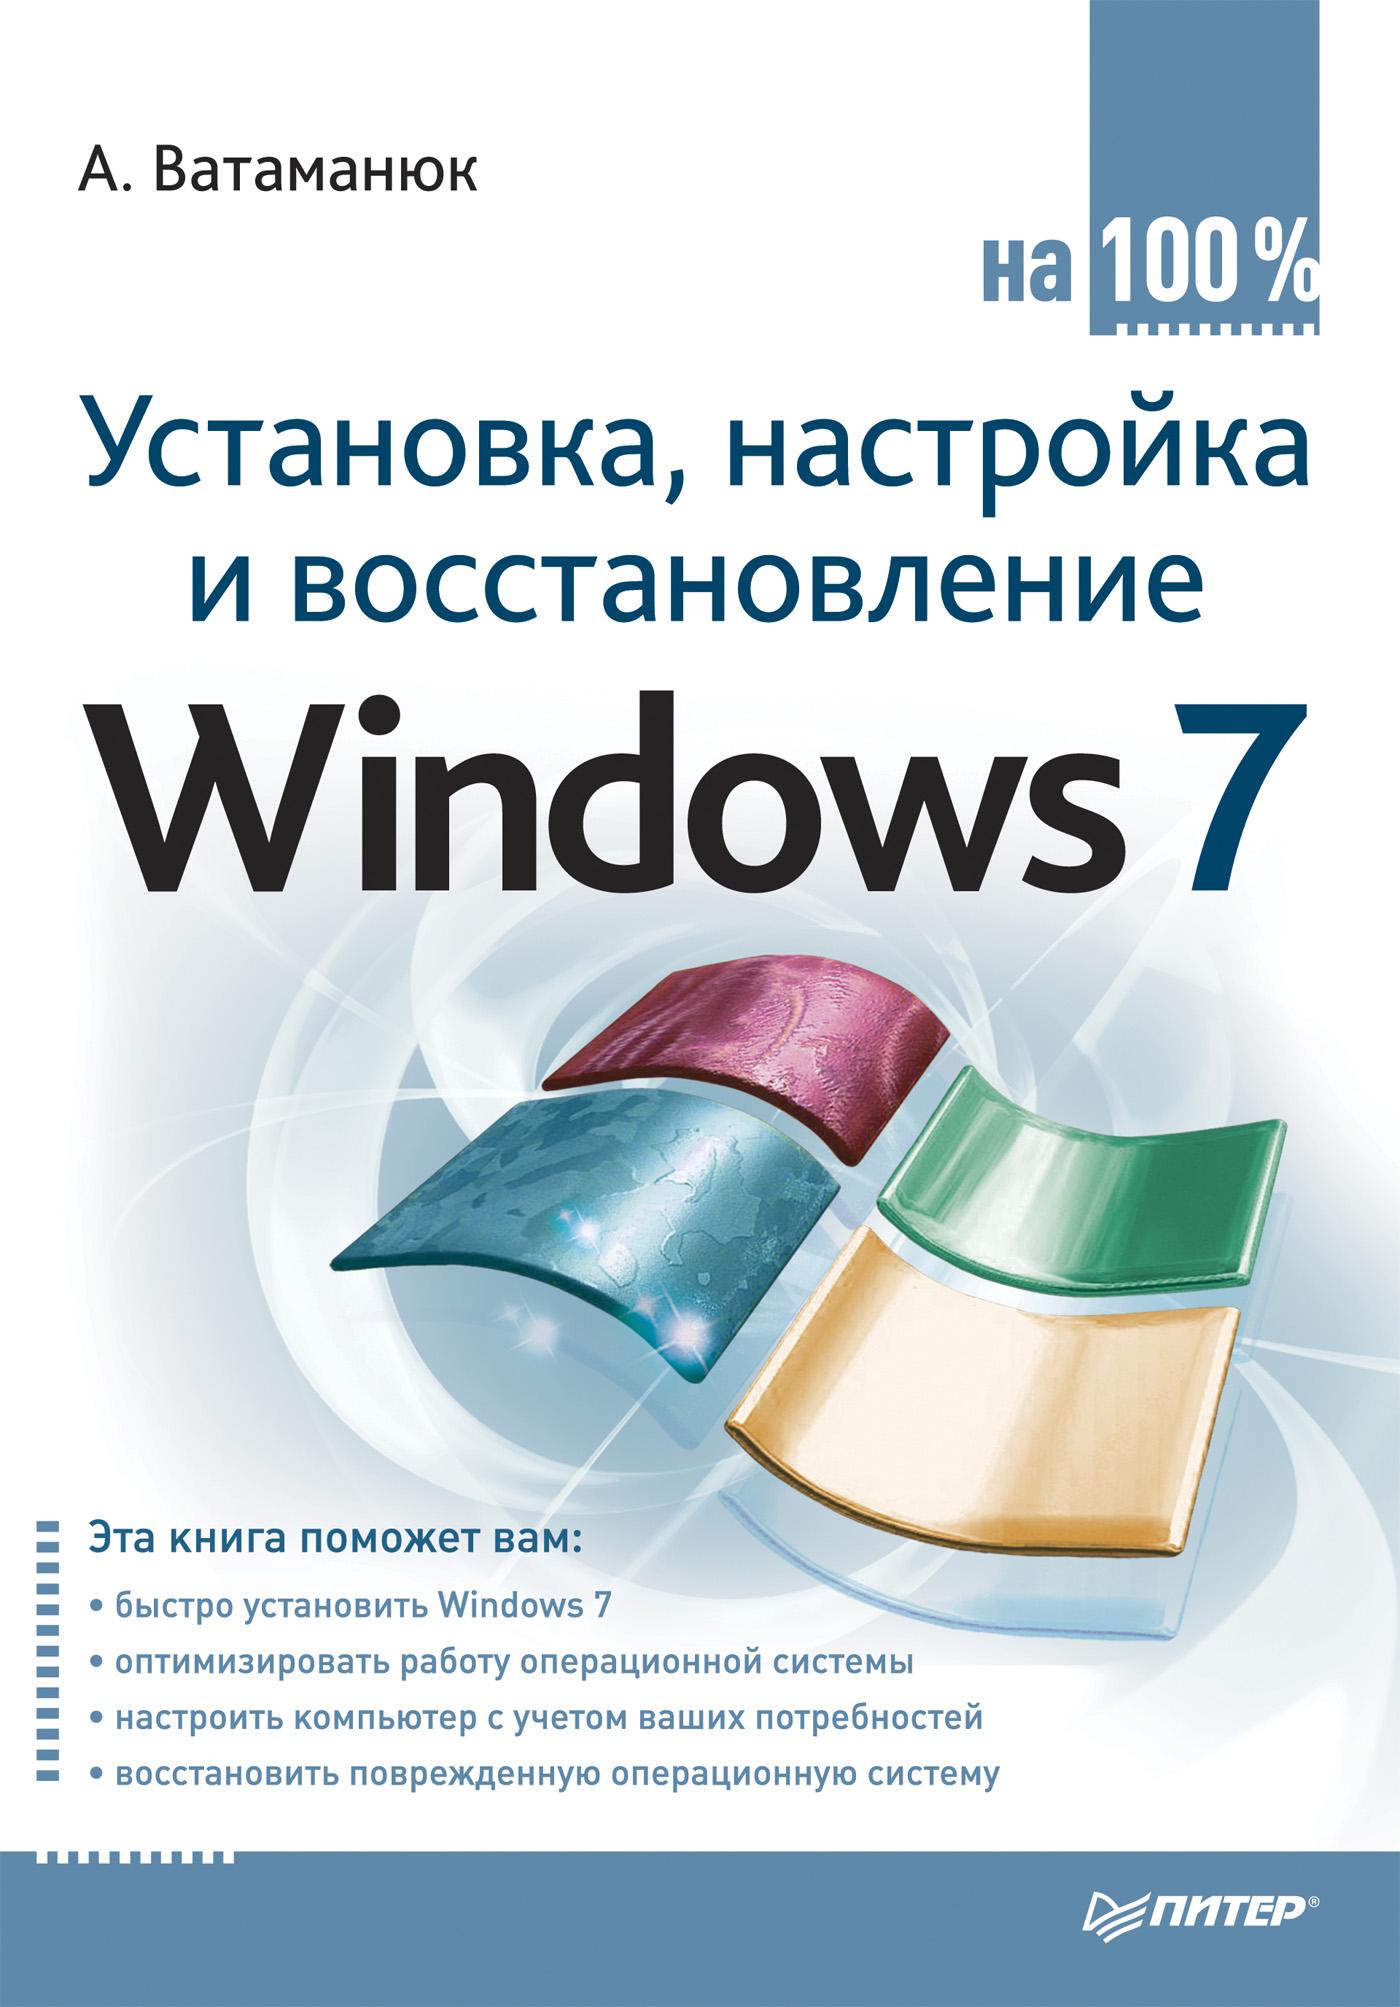 Александр Ватаманюк «Установка, настройка и восстановление Windows 7 на 100%»